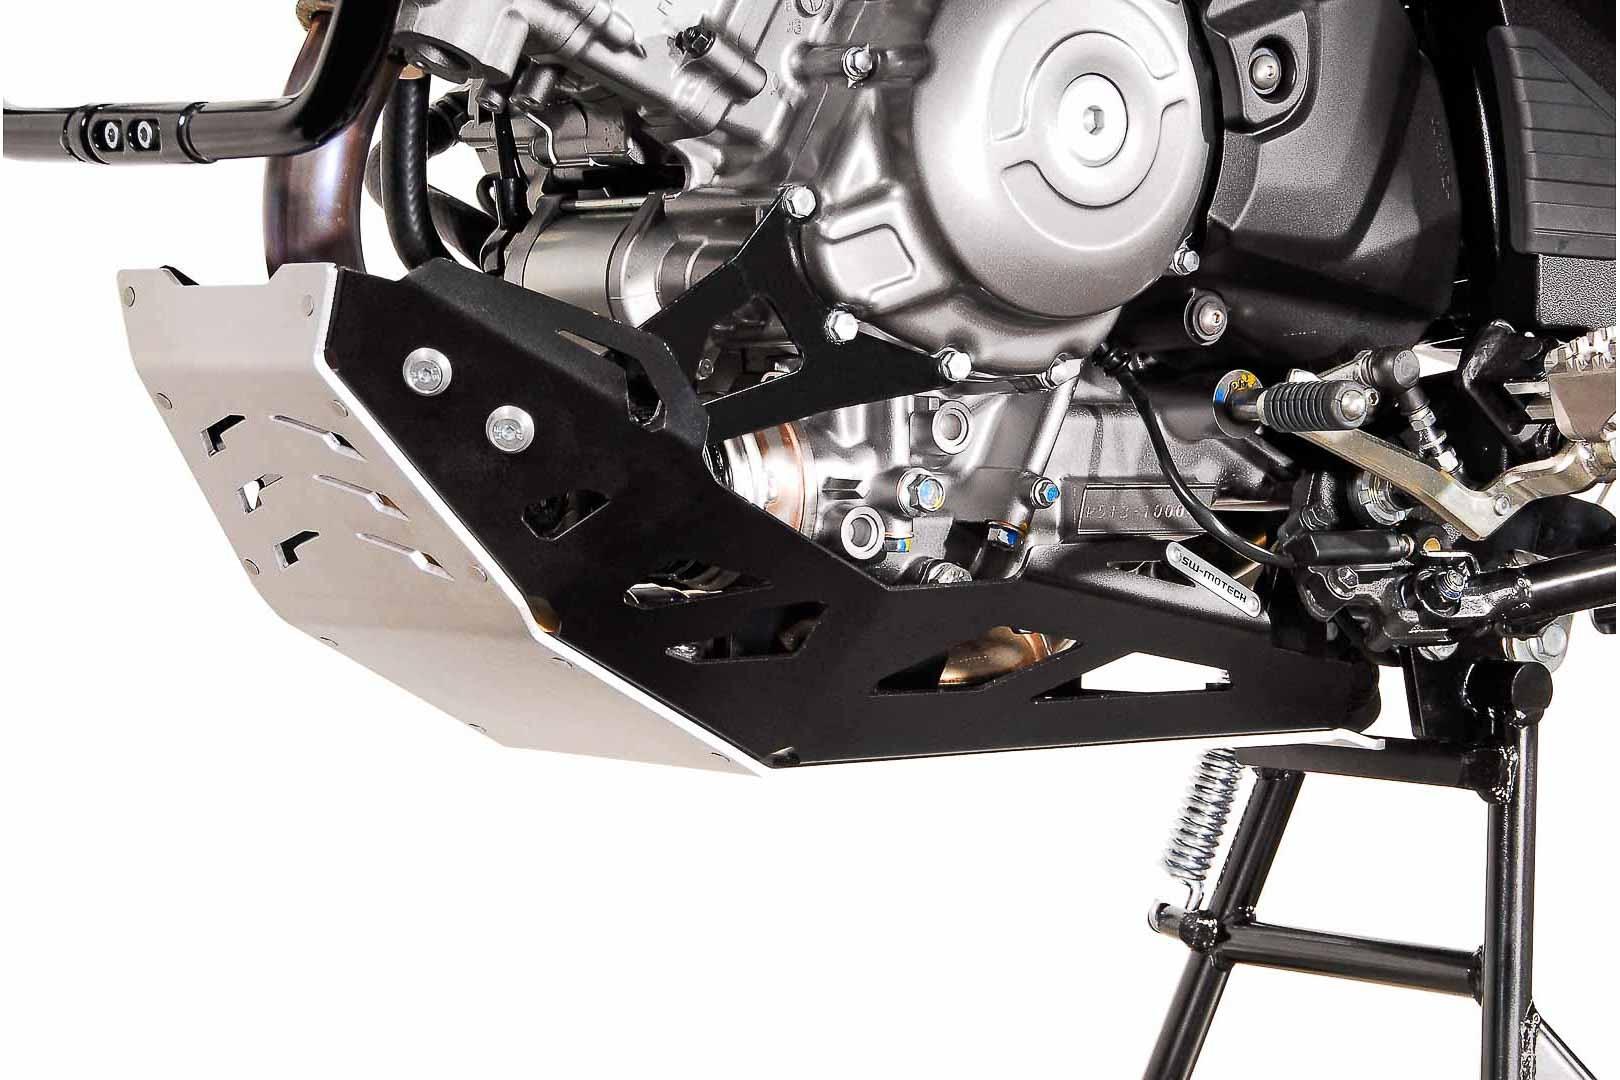 Choix sabot moteur Sabot-moteur-v-strom-650-2017-sw-motech